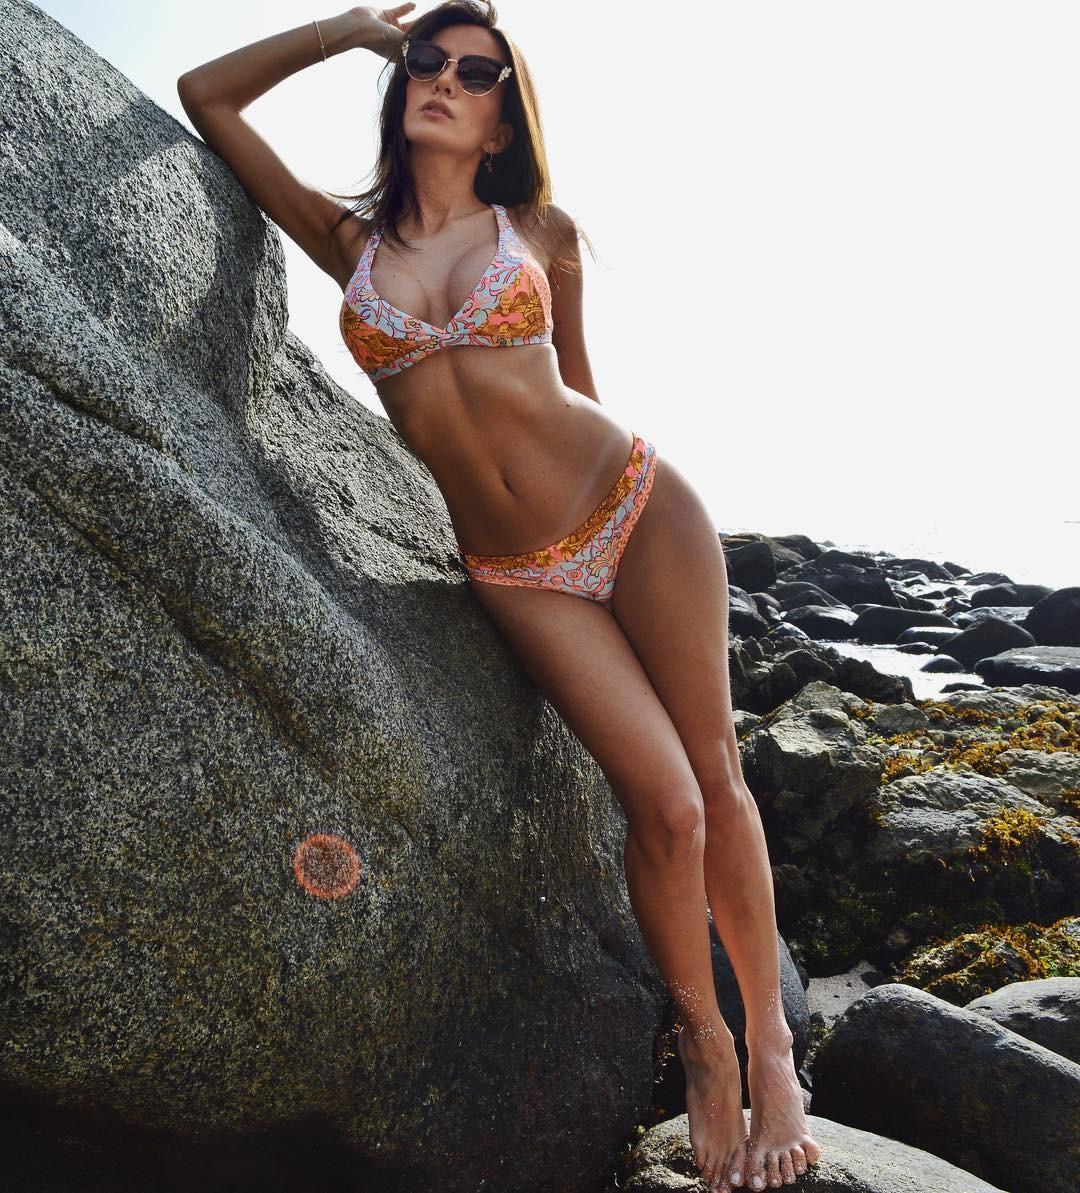 Aylen Milla Porno aylén milla - page 2 nue, négligente, seins nus, bikini